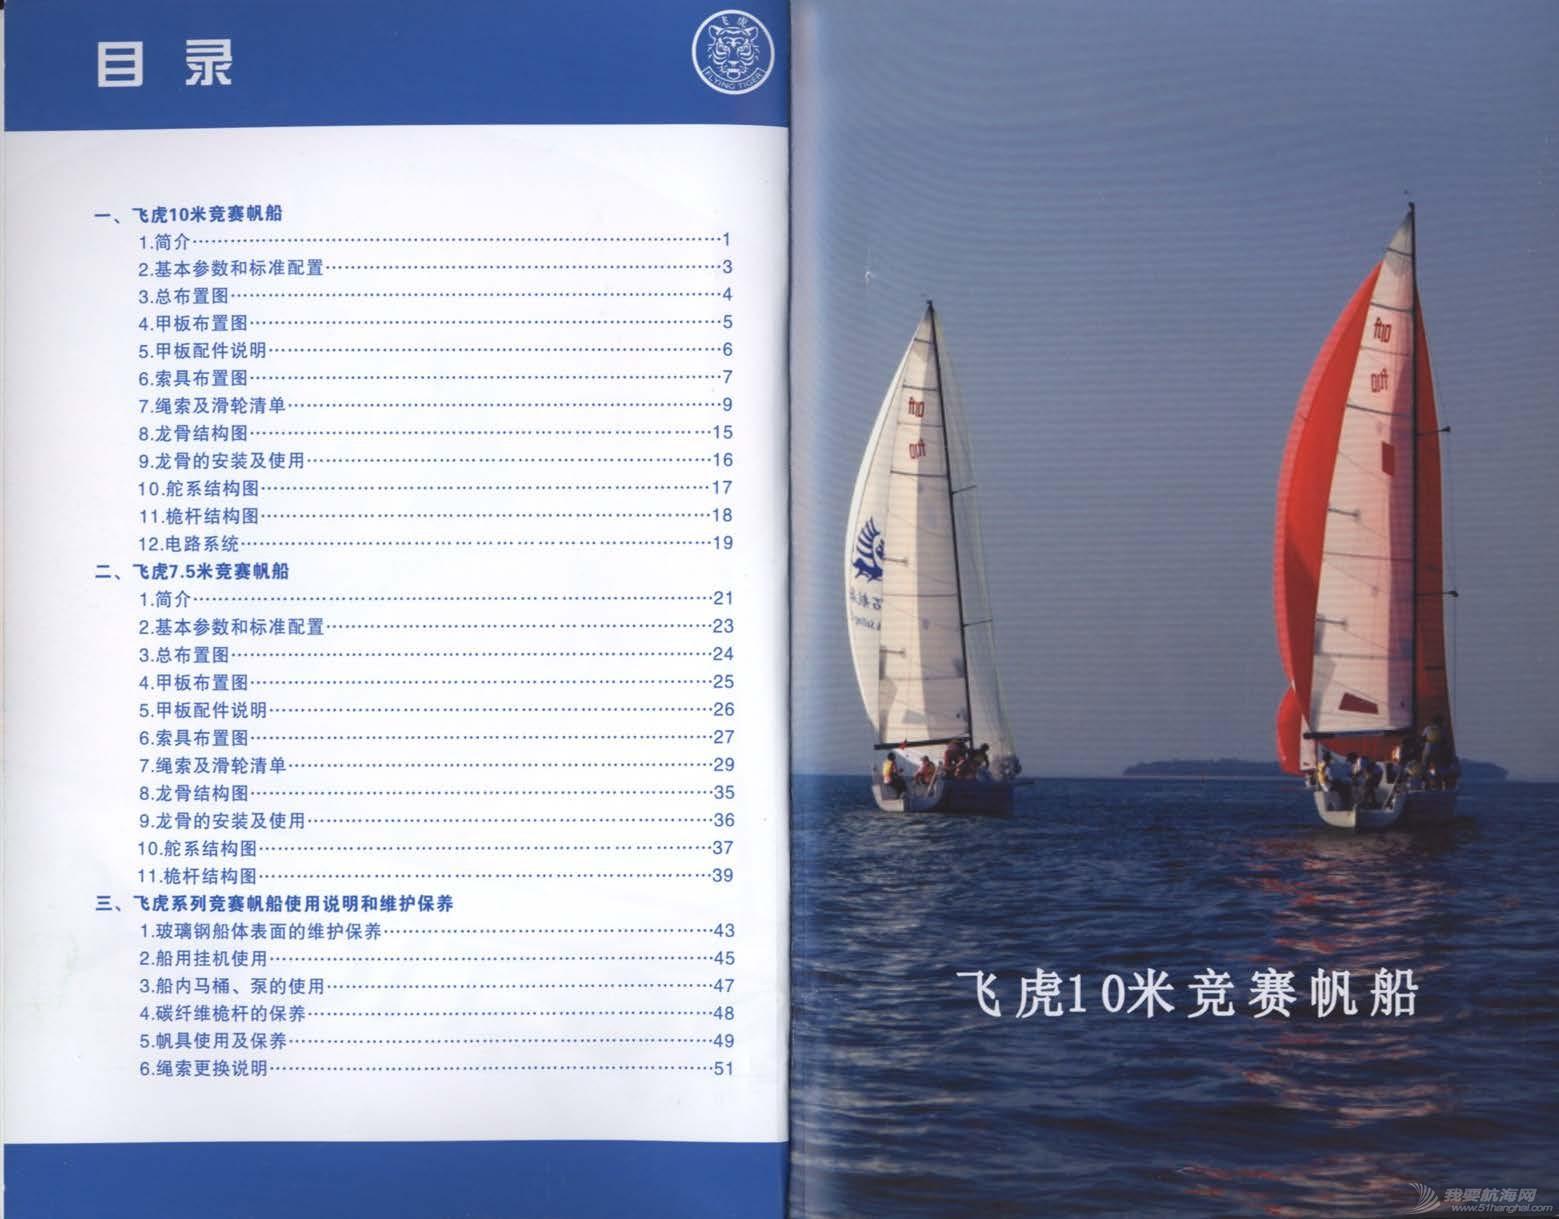 帆船,用户 《飞虎系列竞赛帆船用户手册》PDF下载 八米飞虎和十米飞虎 2.jpg